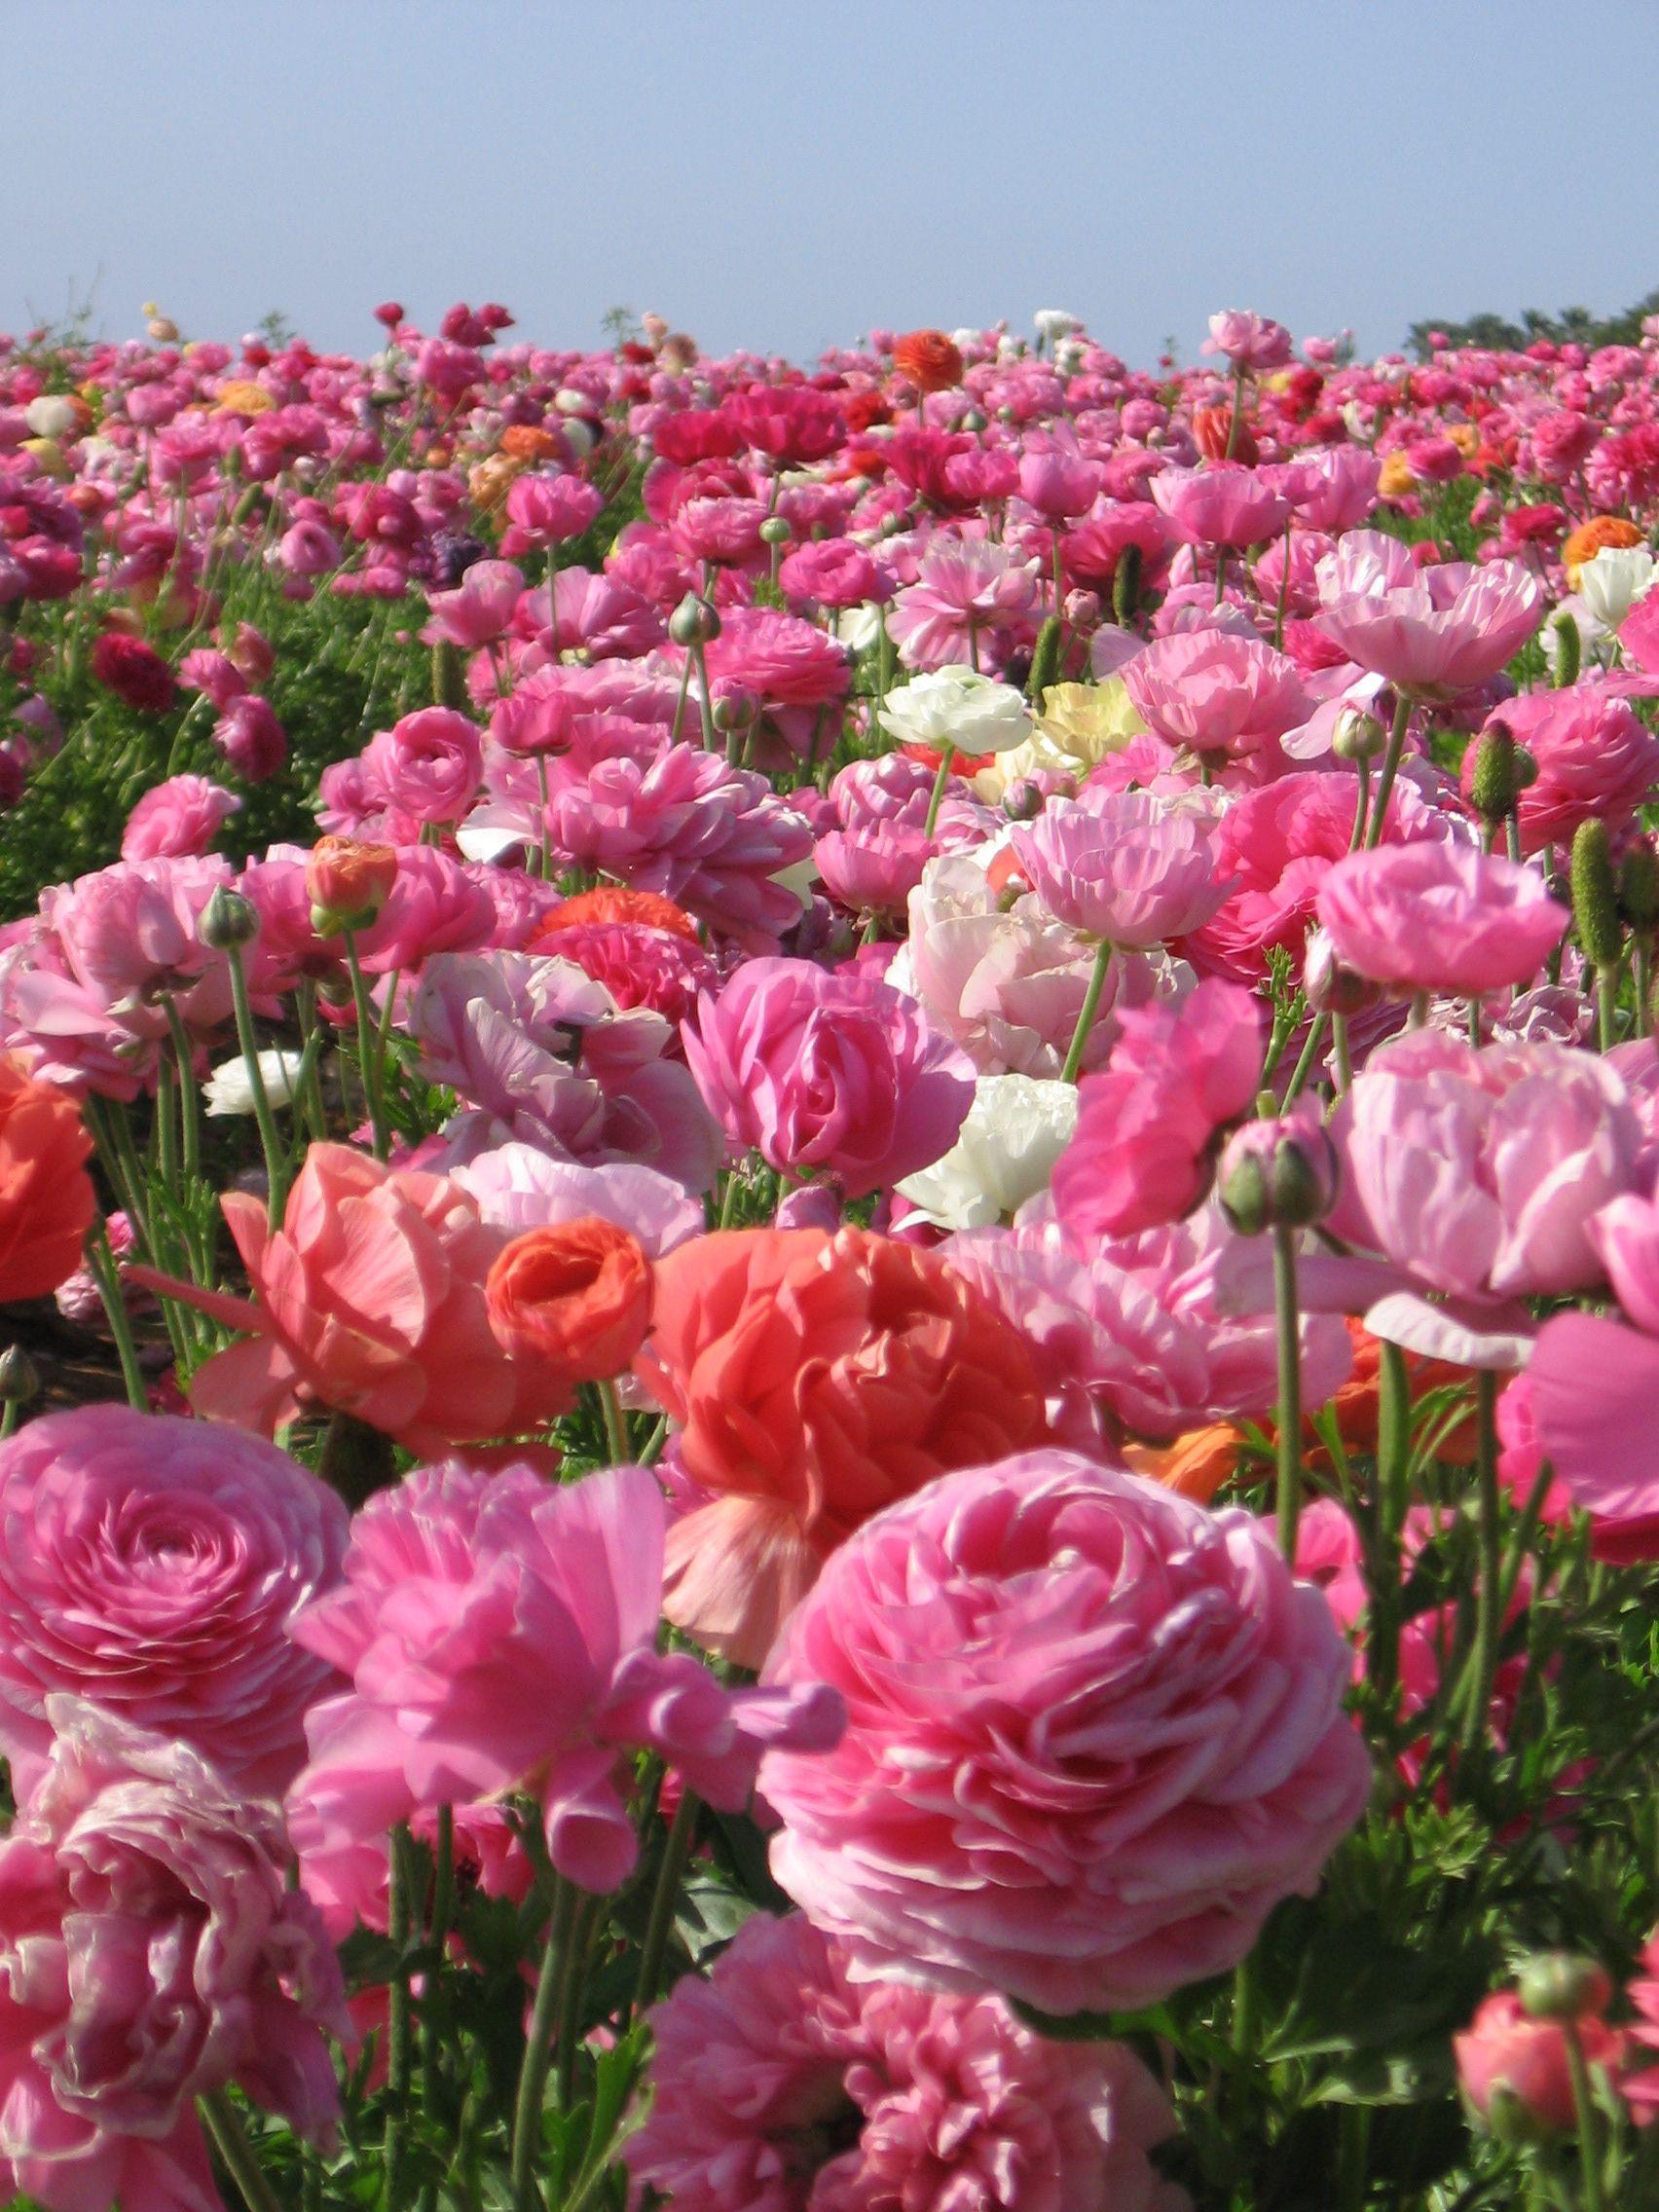 Ranunculus Field In Carlsbad Ca Ranunculus Amazing Flowers Beautiful Flowers Pretty Flowers